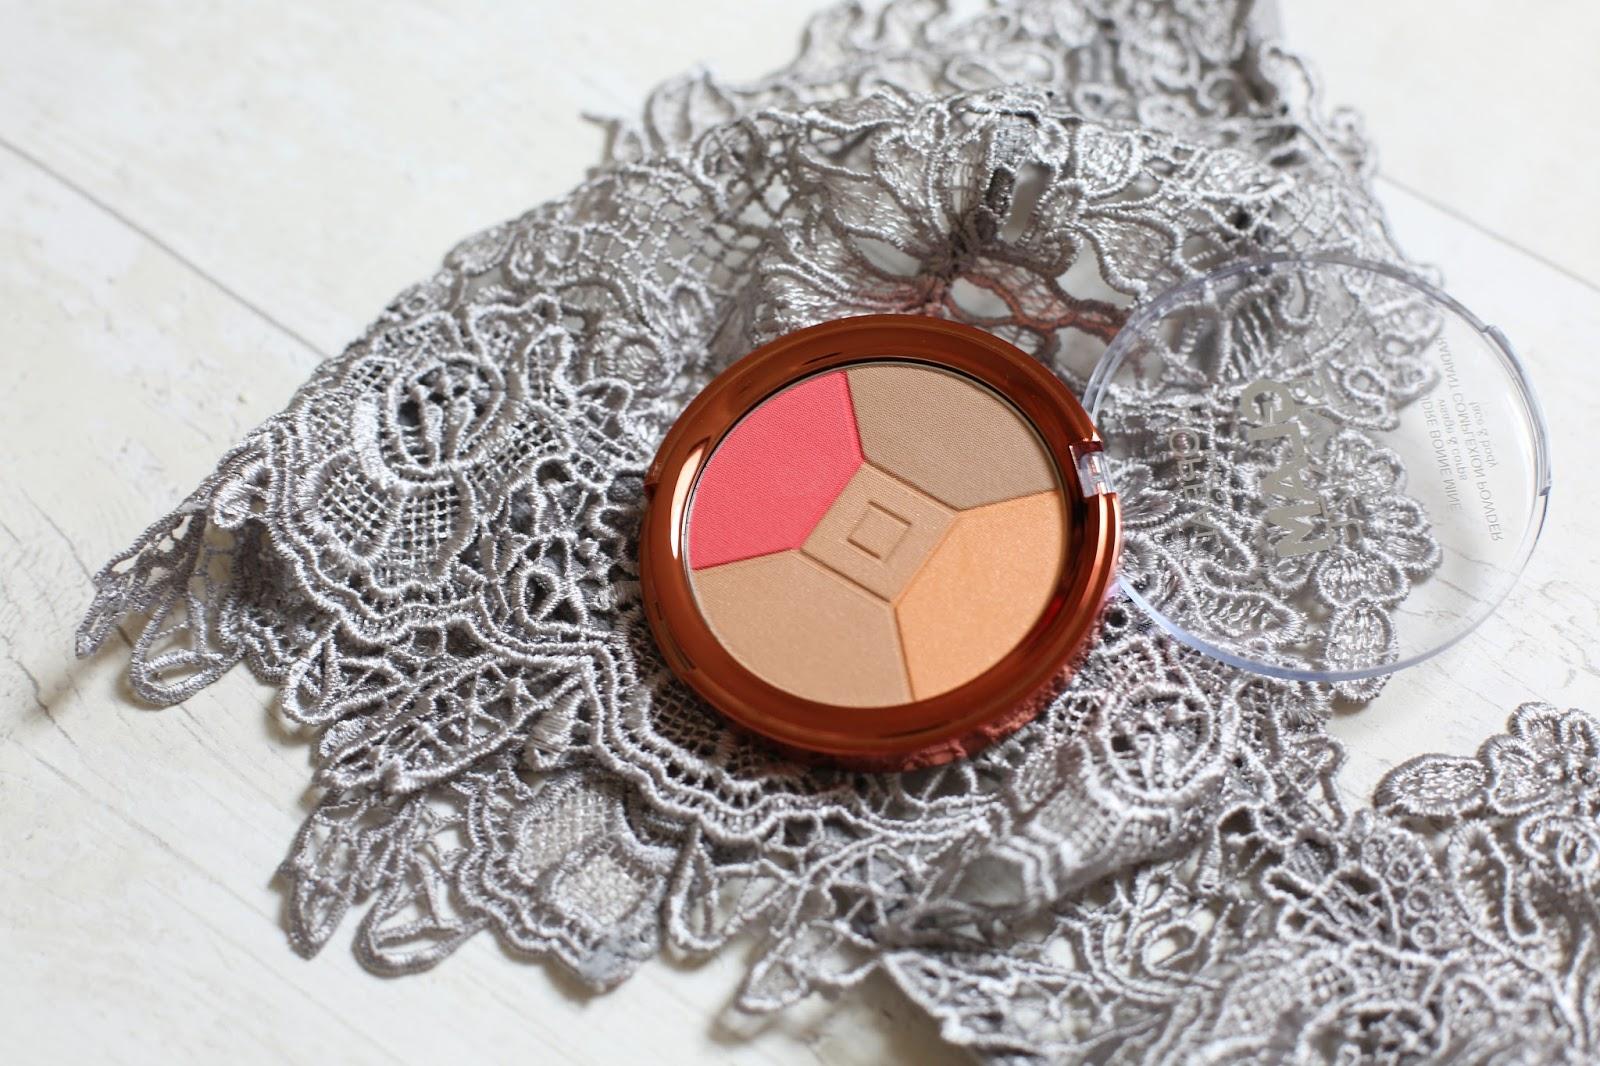 L'Oreal Glam Bronze La Terra -